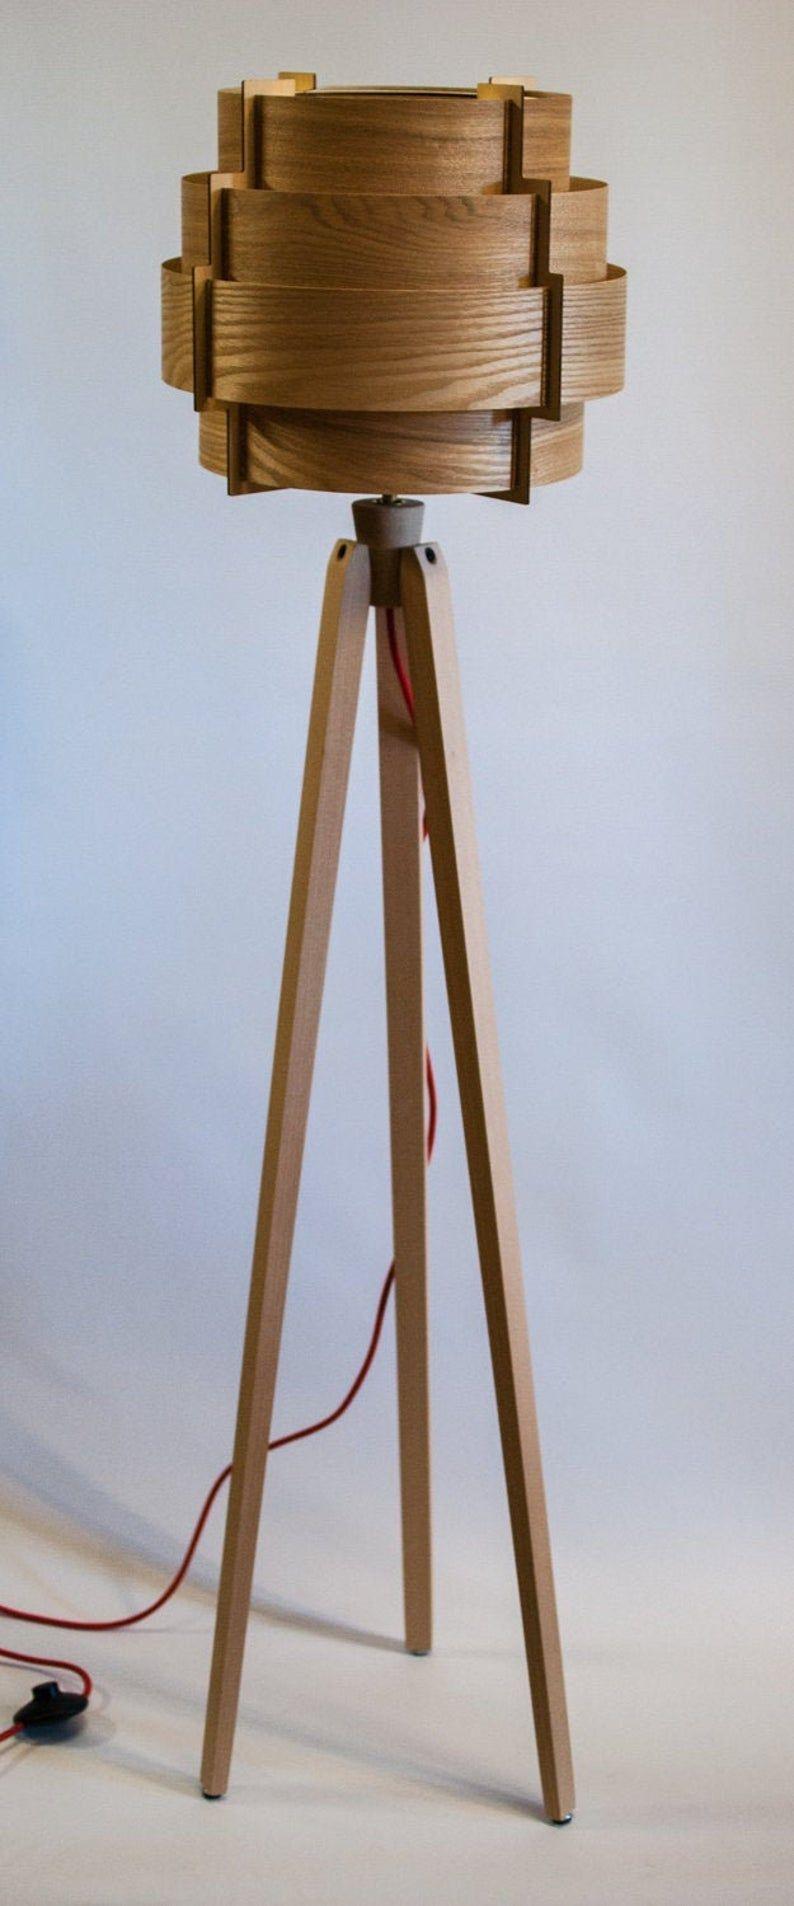 Tripod Stehlampe Dreibein Retro 60 70iger Design Holzfurnier